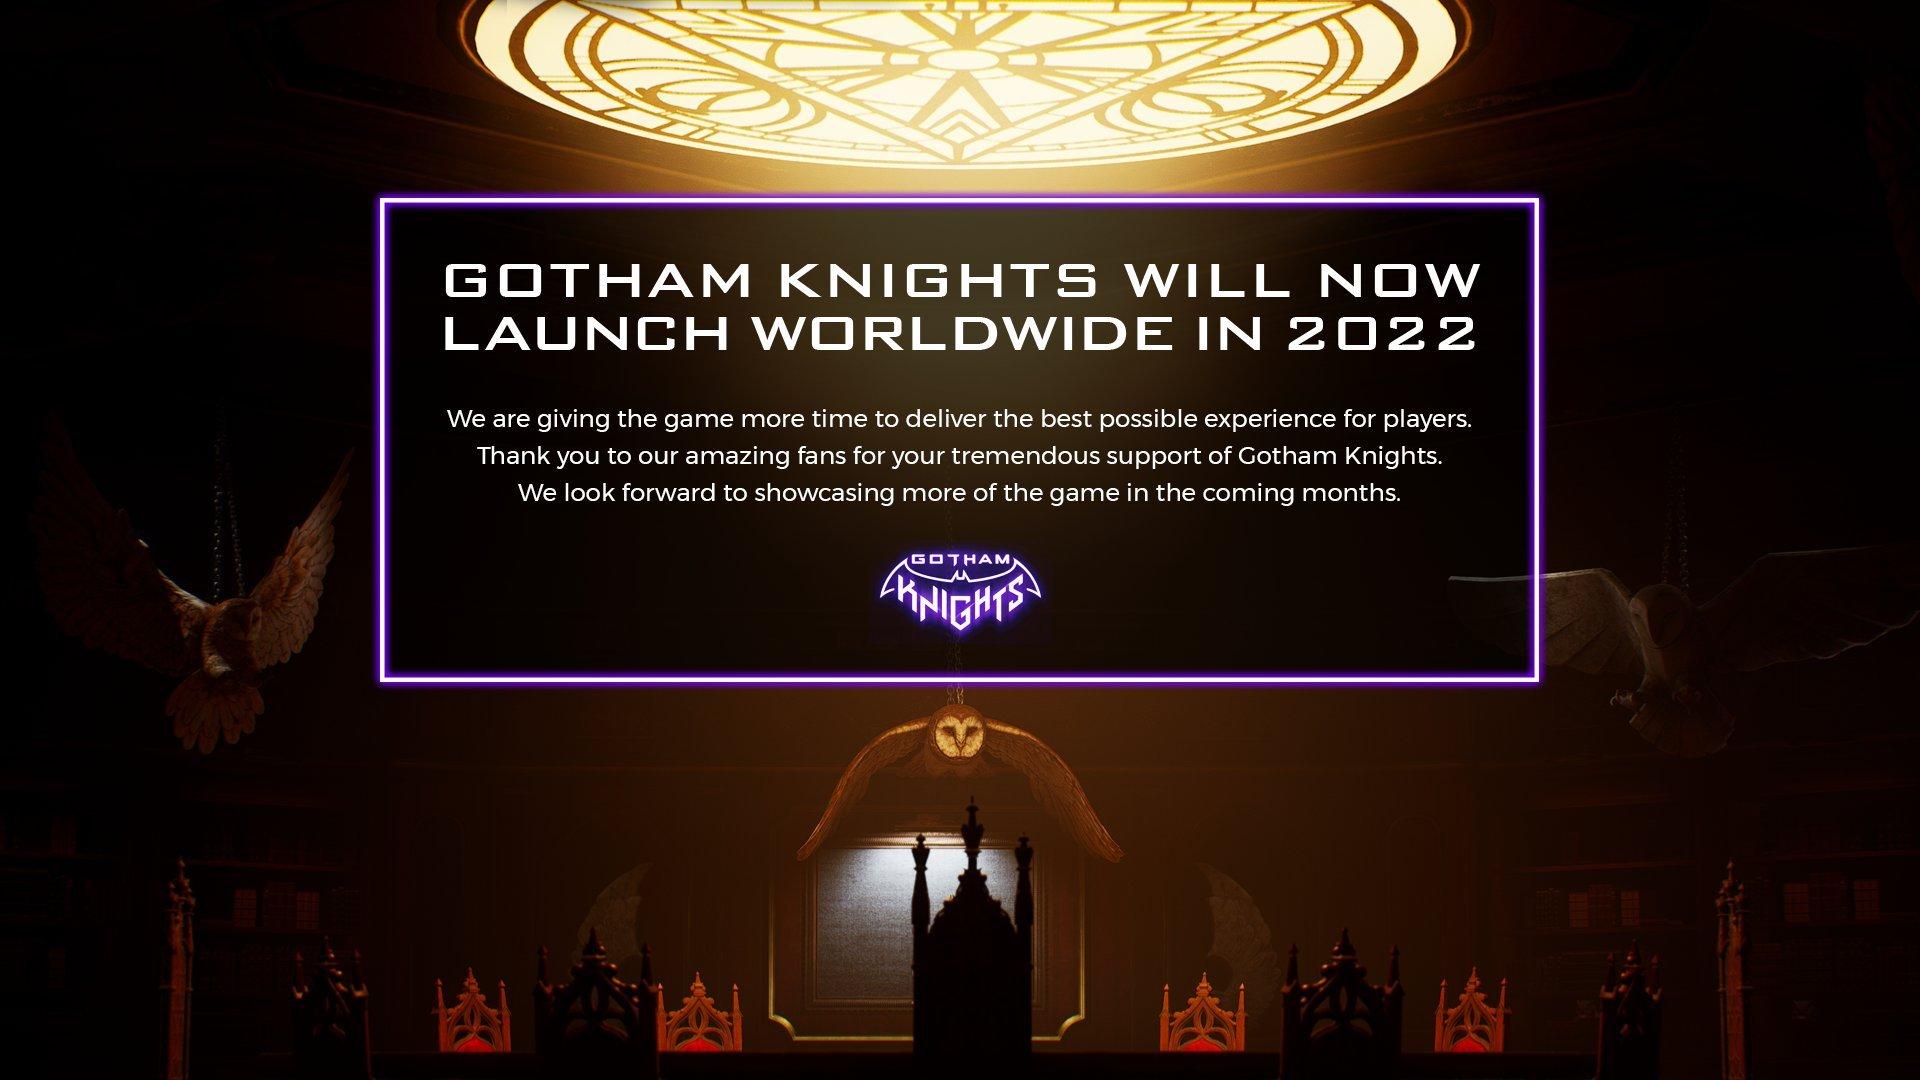 Разработчикам нужно больше времени, чтобы доделать проект /фото twitter.com/GothamKnights